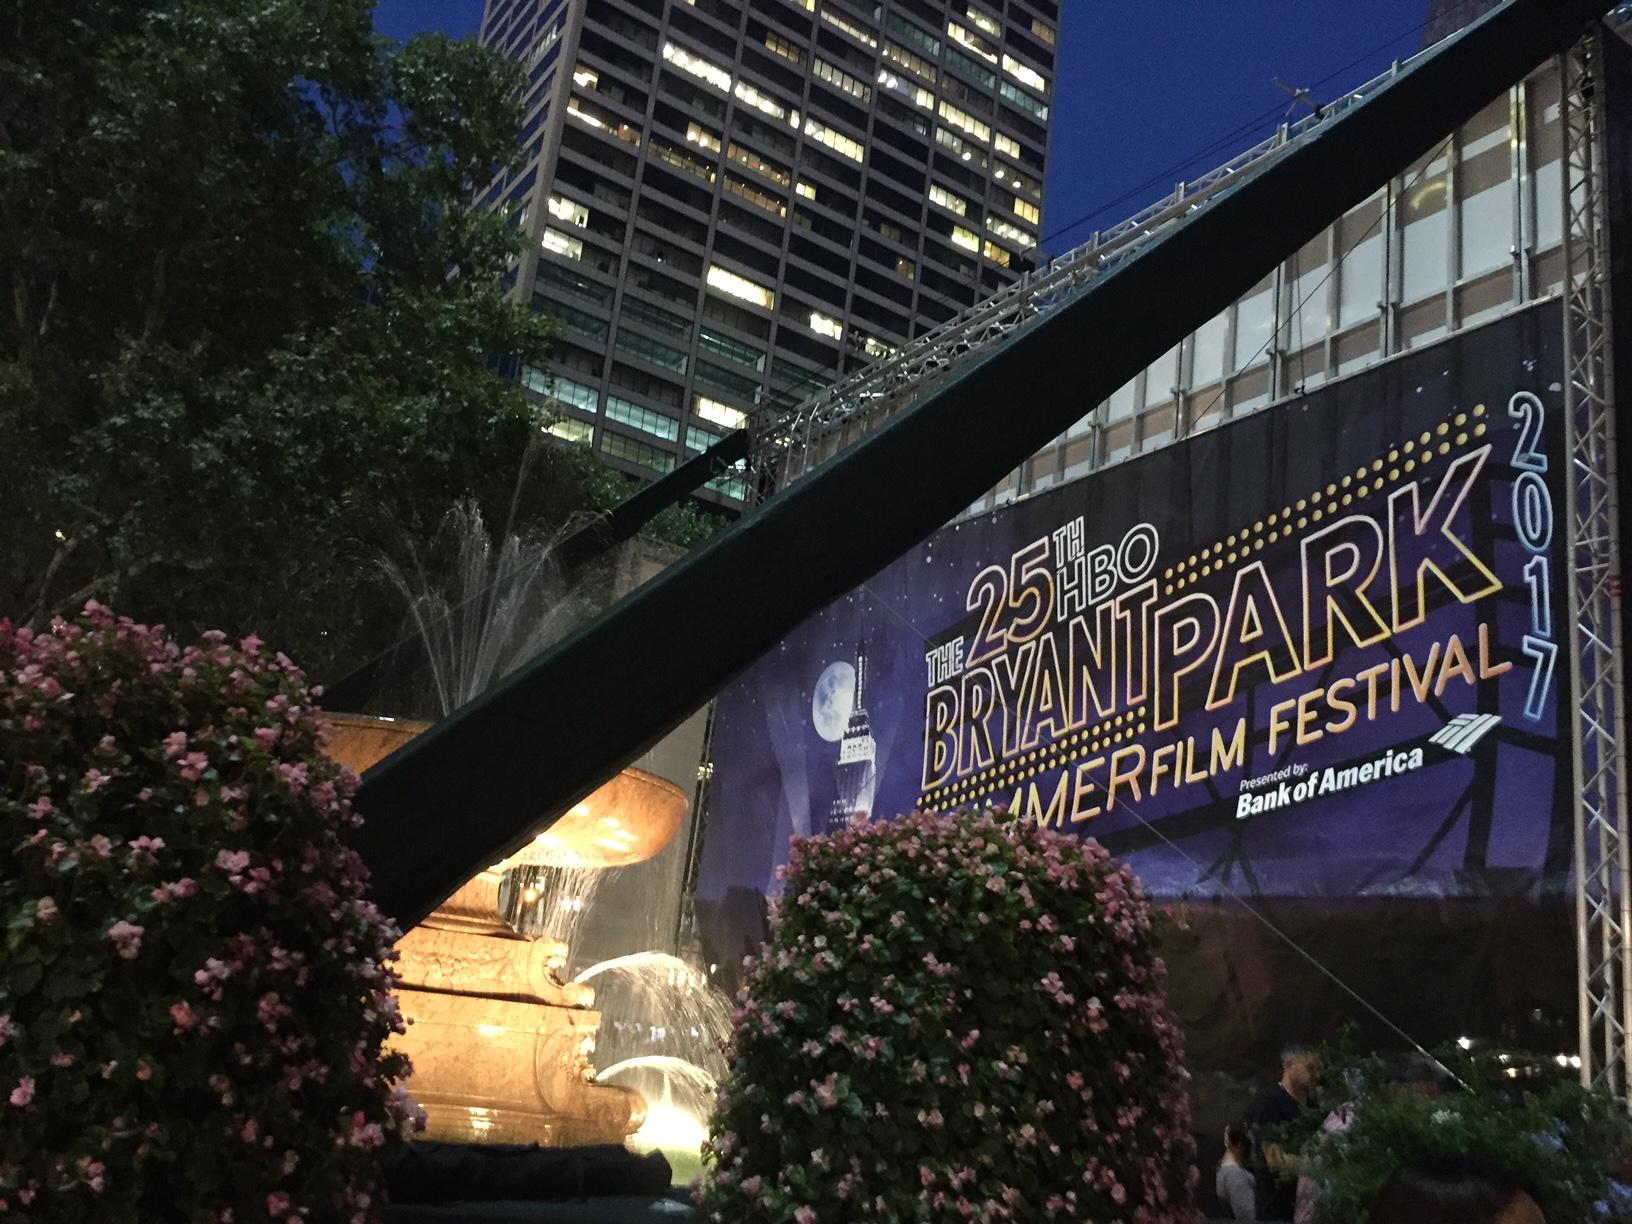 HBO Film Festival 2017